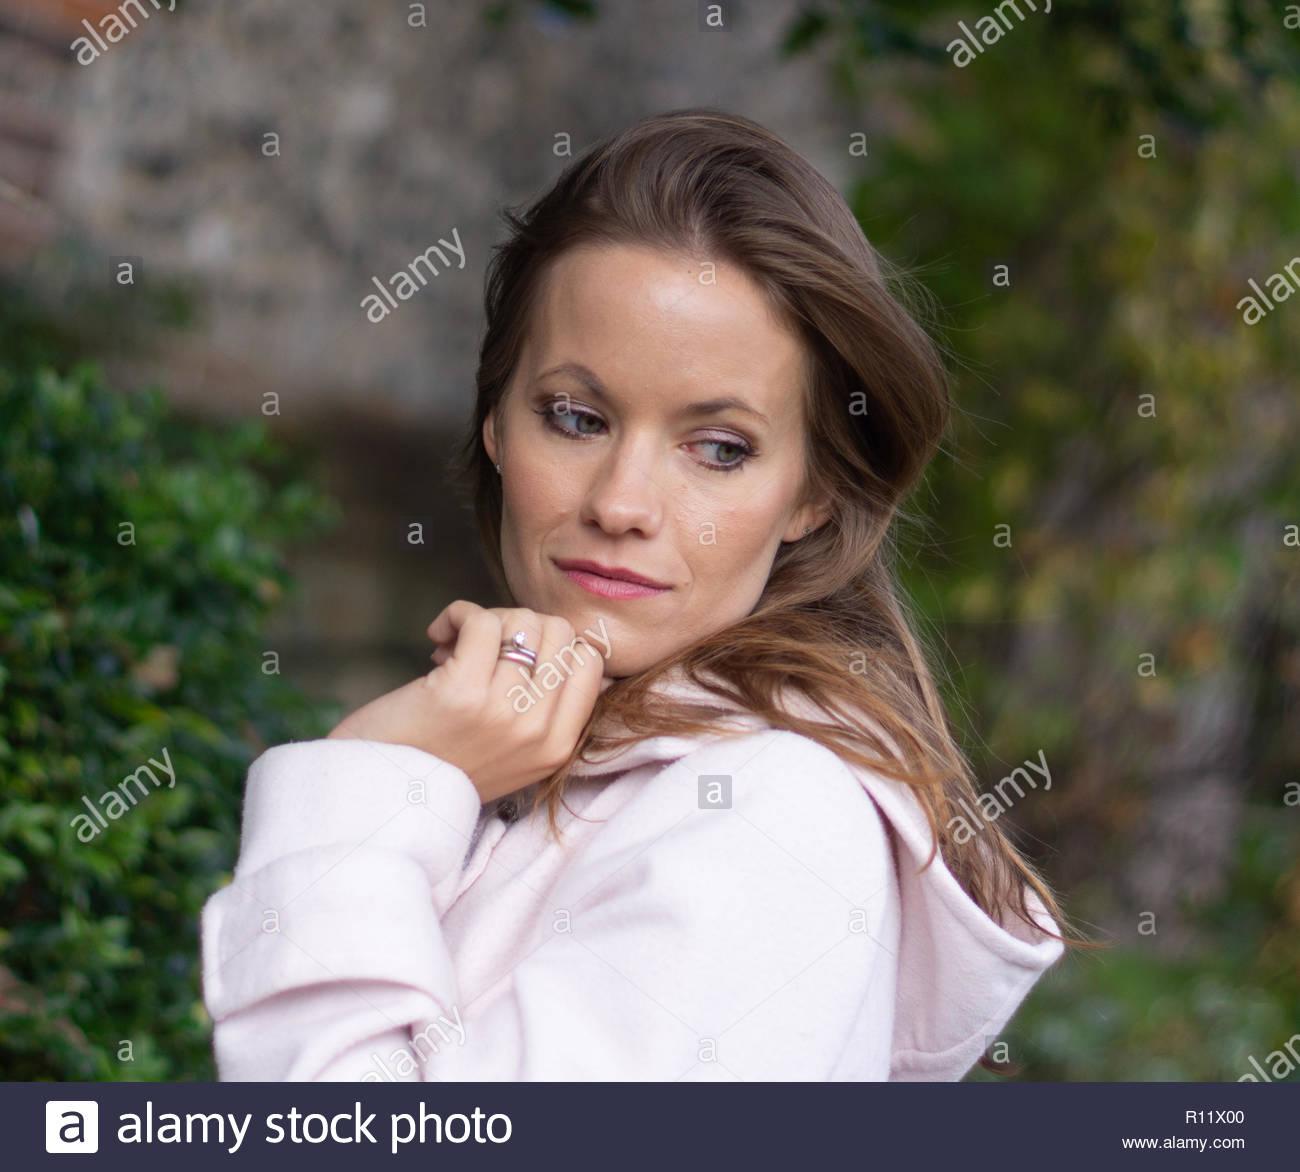 Female Model - Stock Image